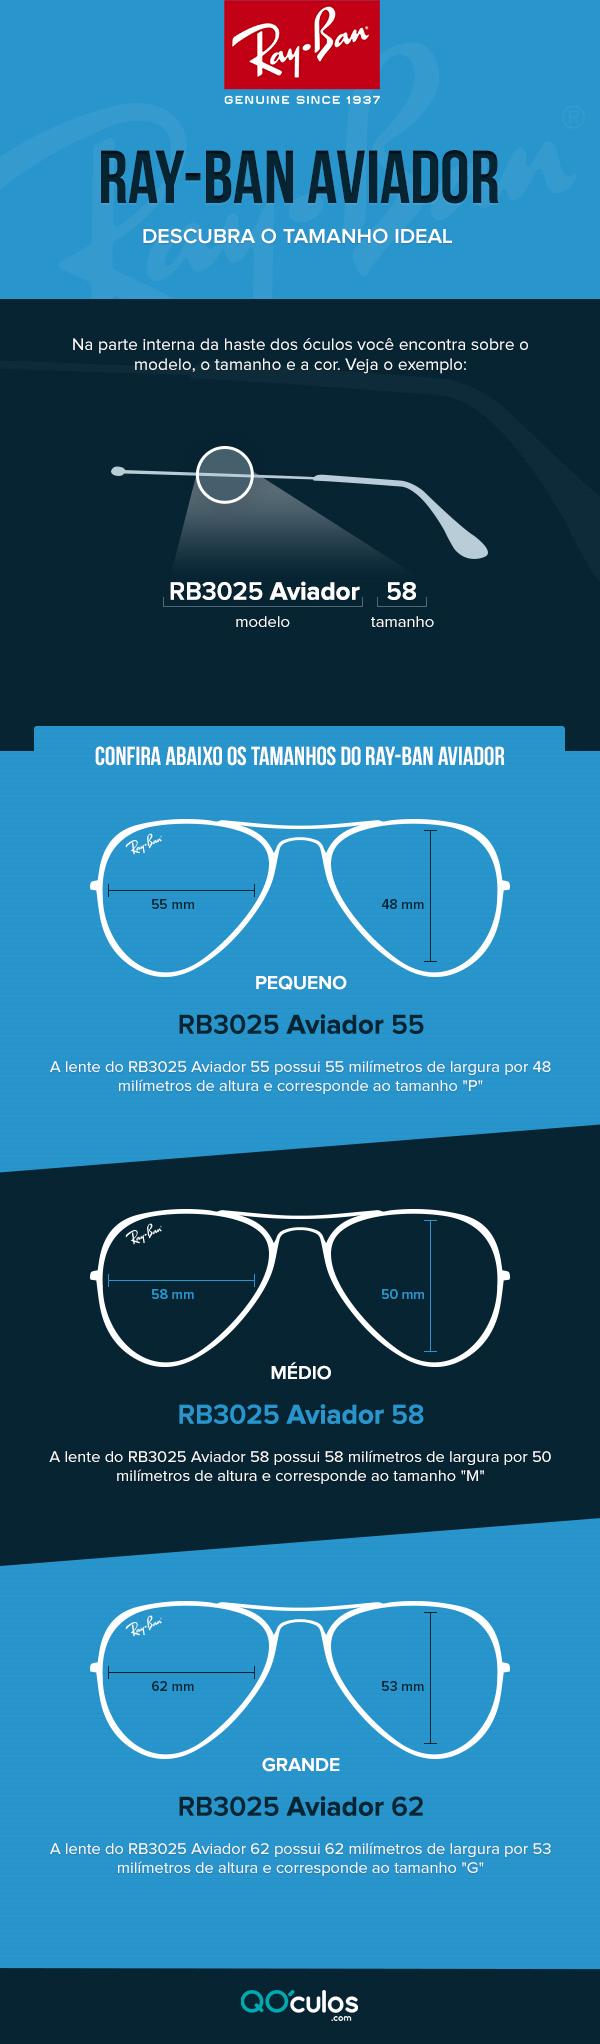 bf42a4e04 Tire suas dúvidas! Descubra o tamanho ideal do óculos Ray-Ban ...